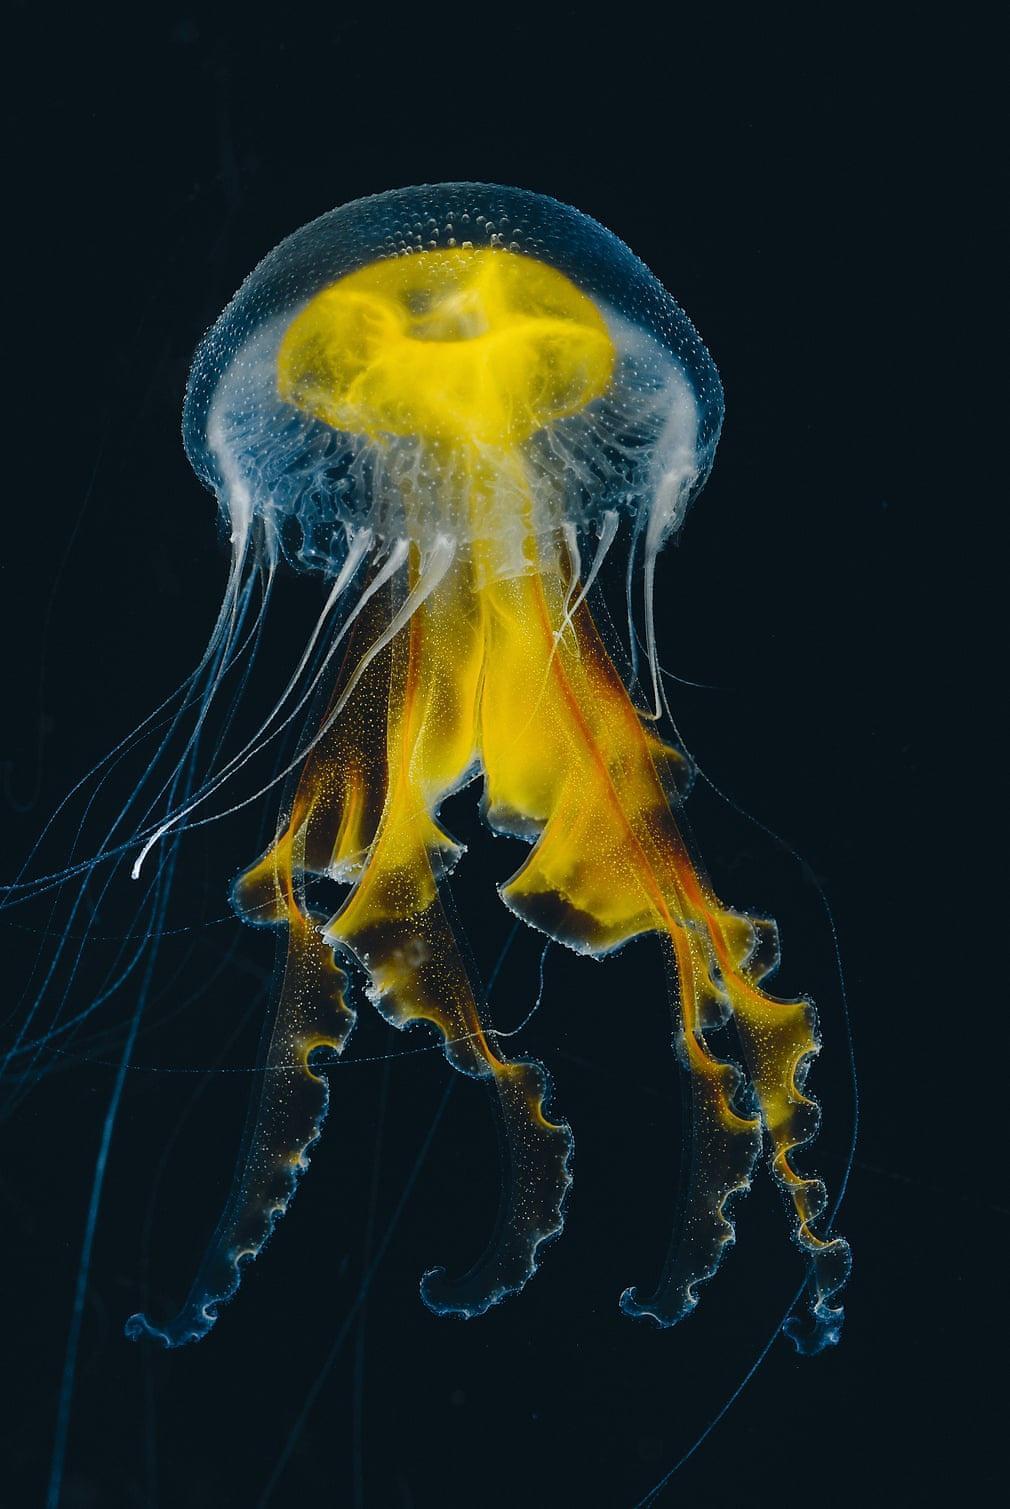 Thế giới loài sứa độc chết người nhưng đẹp siêu thực Ảnh 2